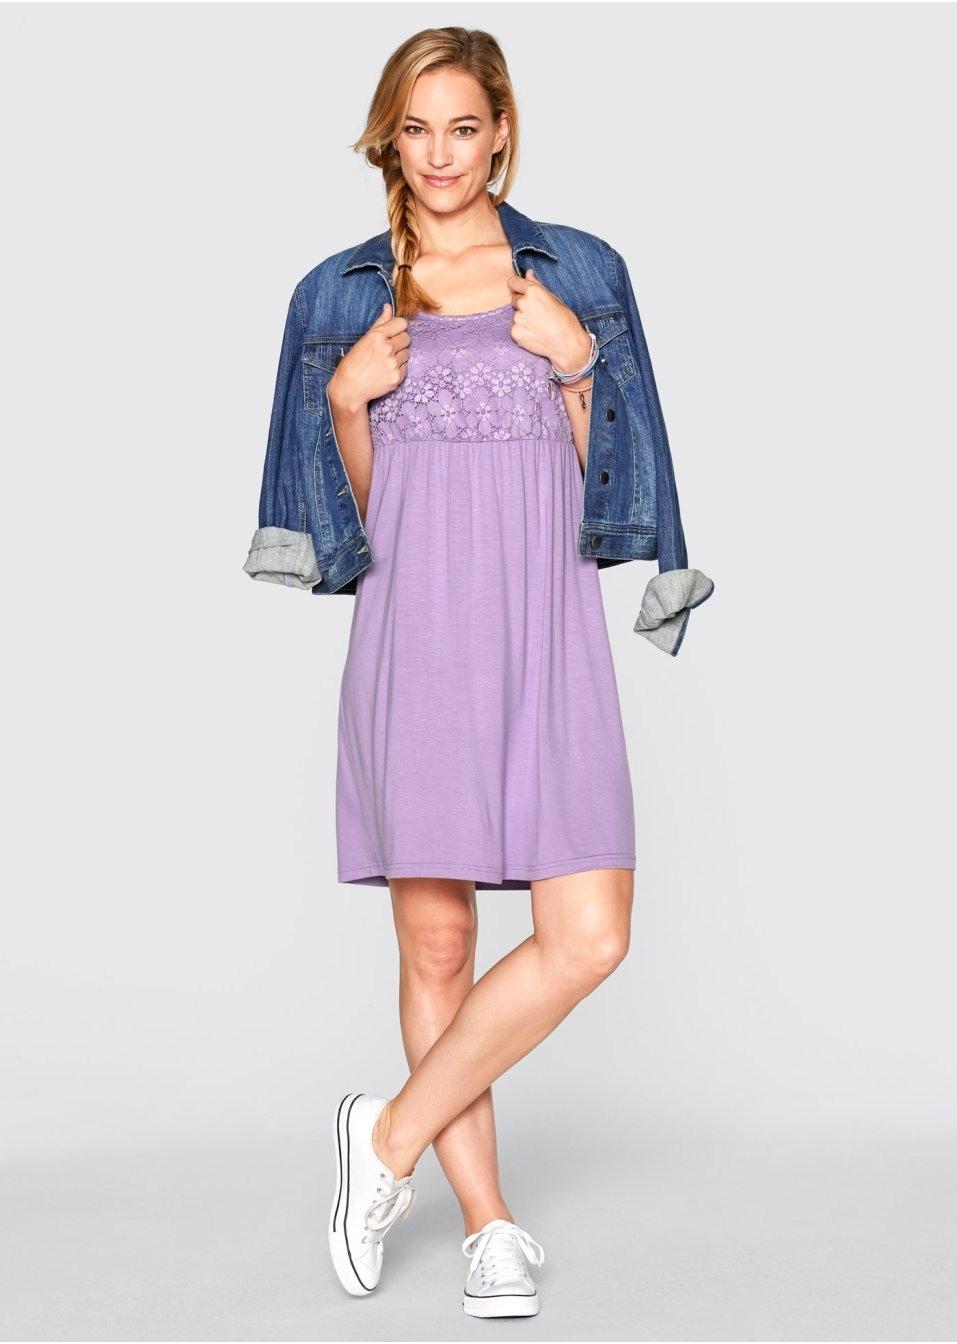 Abend Großartig Kleid Flieder Spitze Spezialgebiet15 Genial Kleid Flieder Spitze Stylish